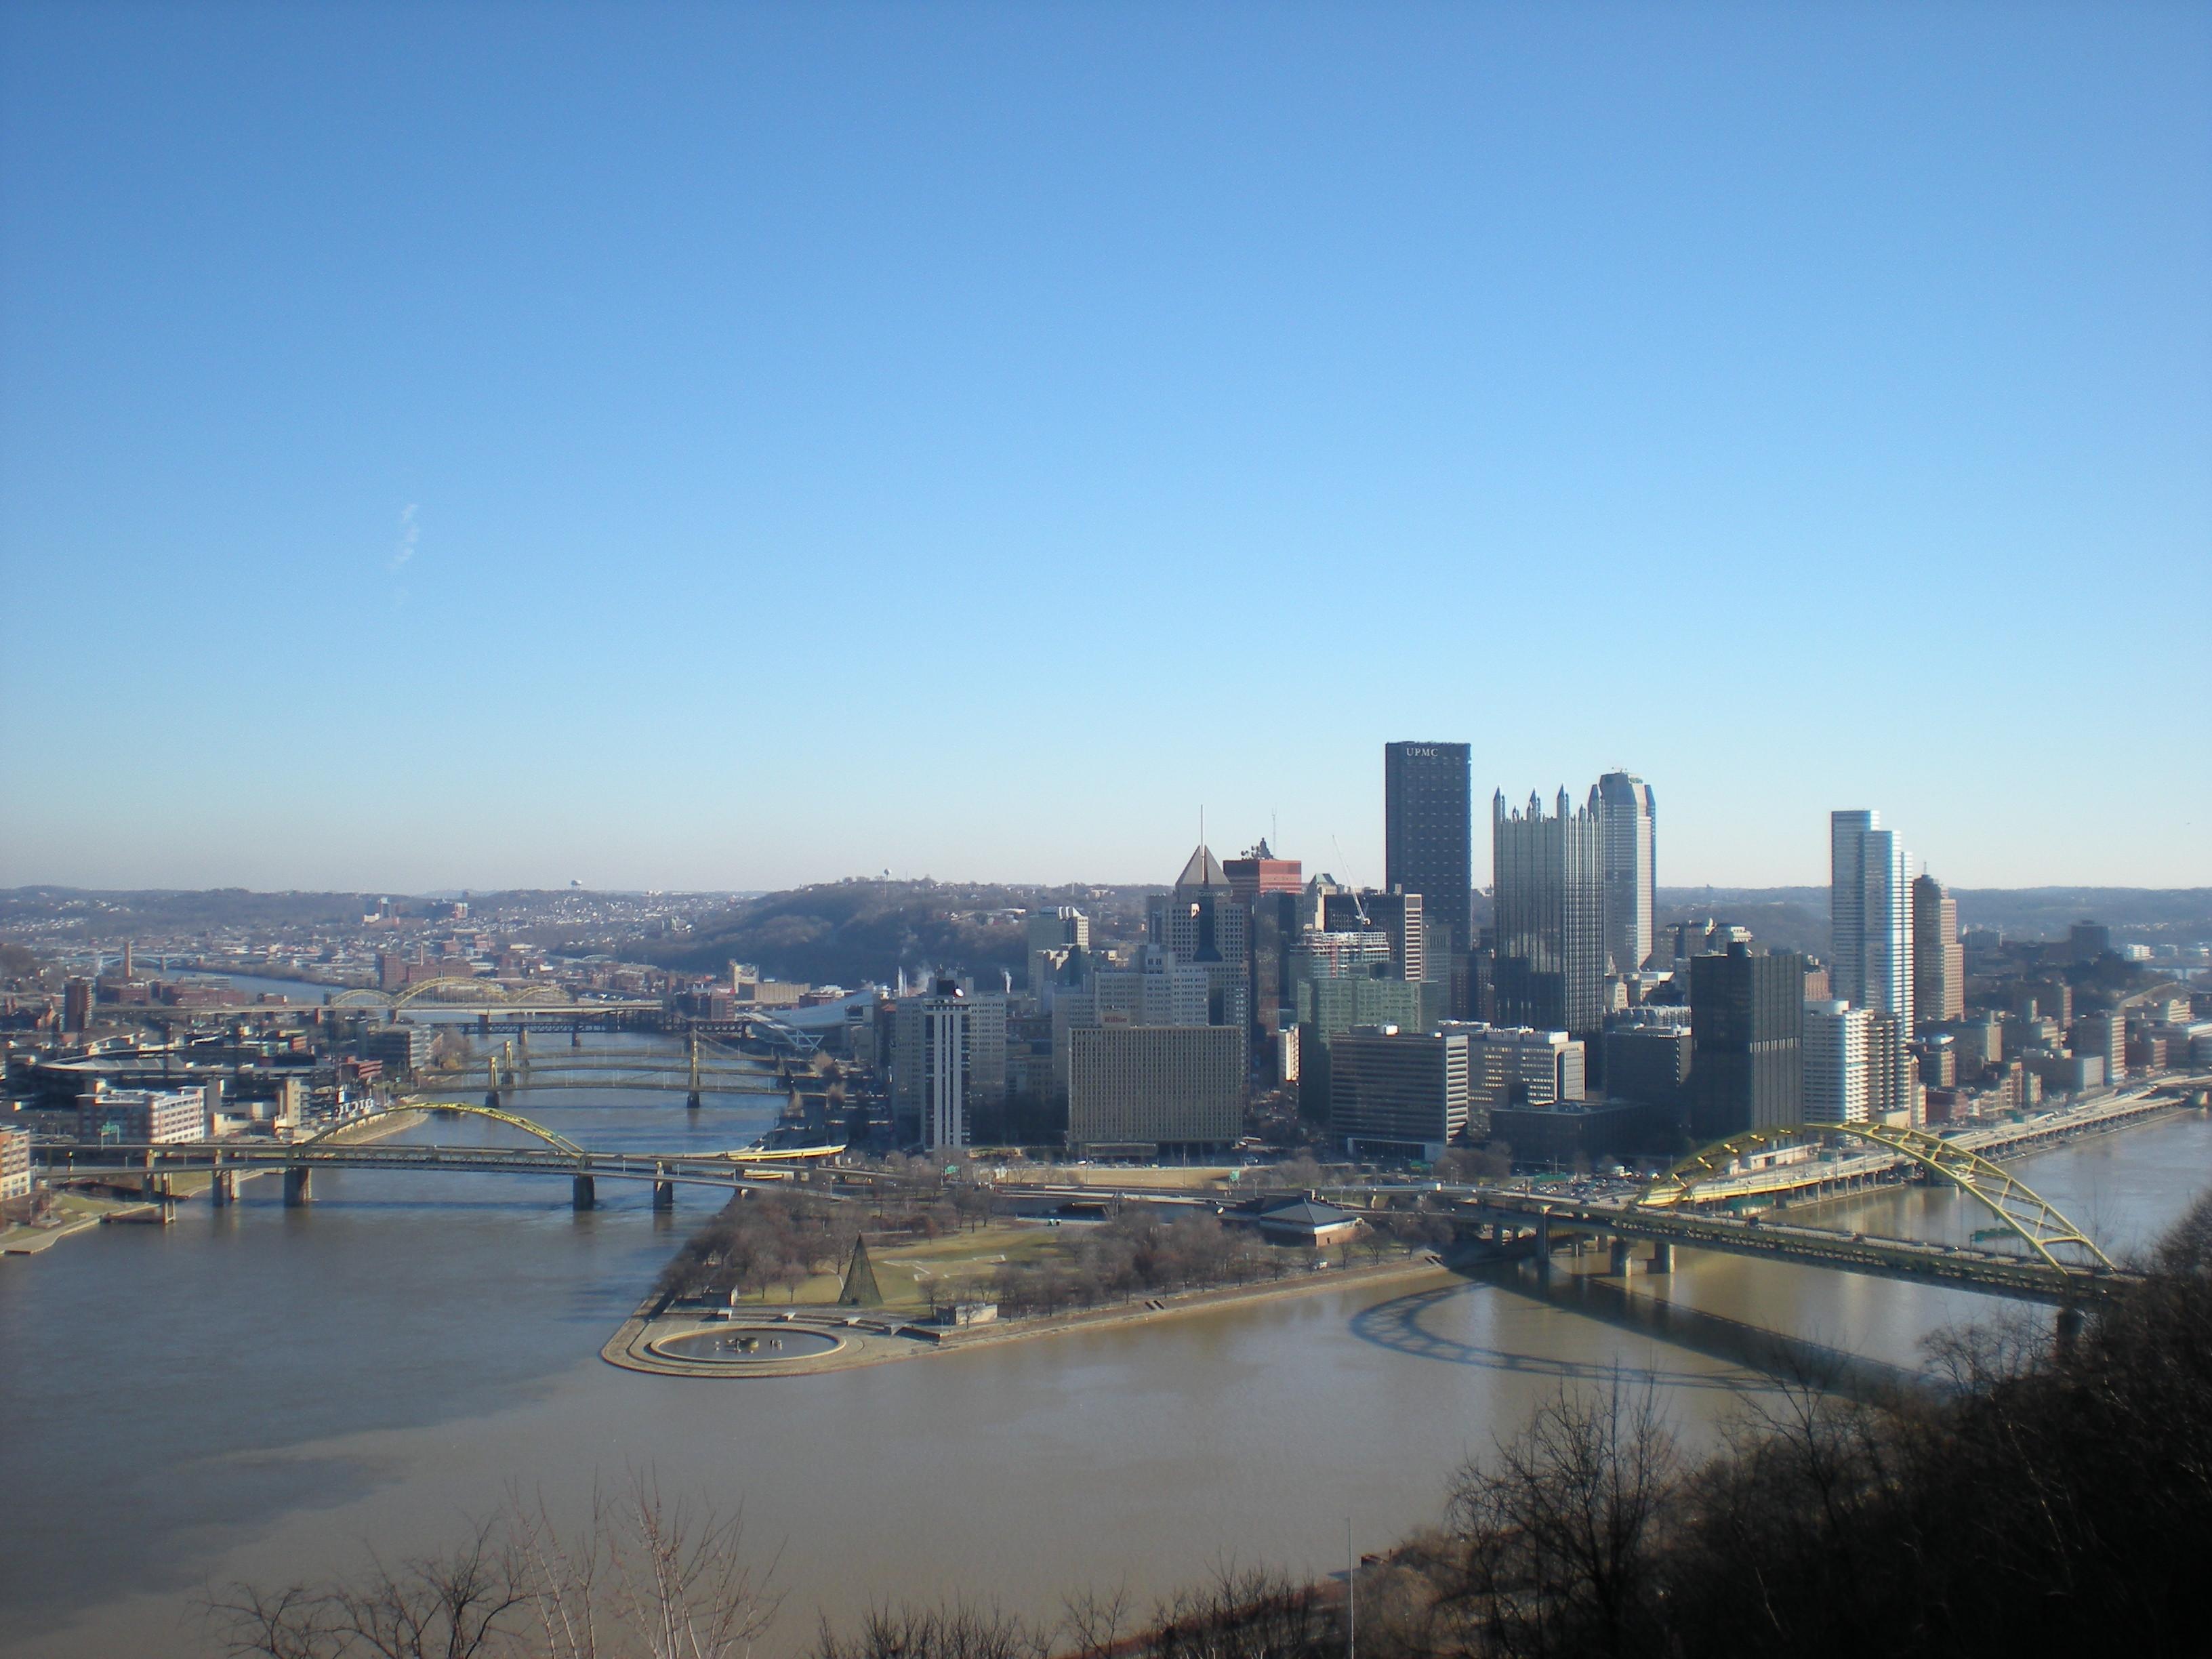 Pittsburgh winter skyline photo